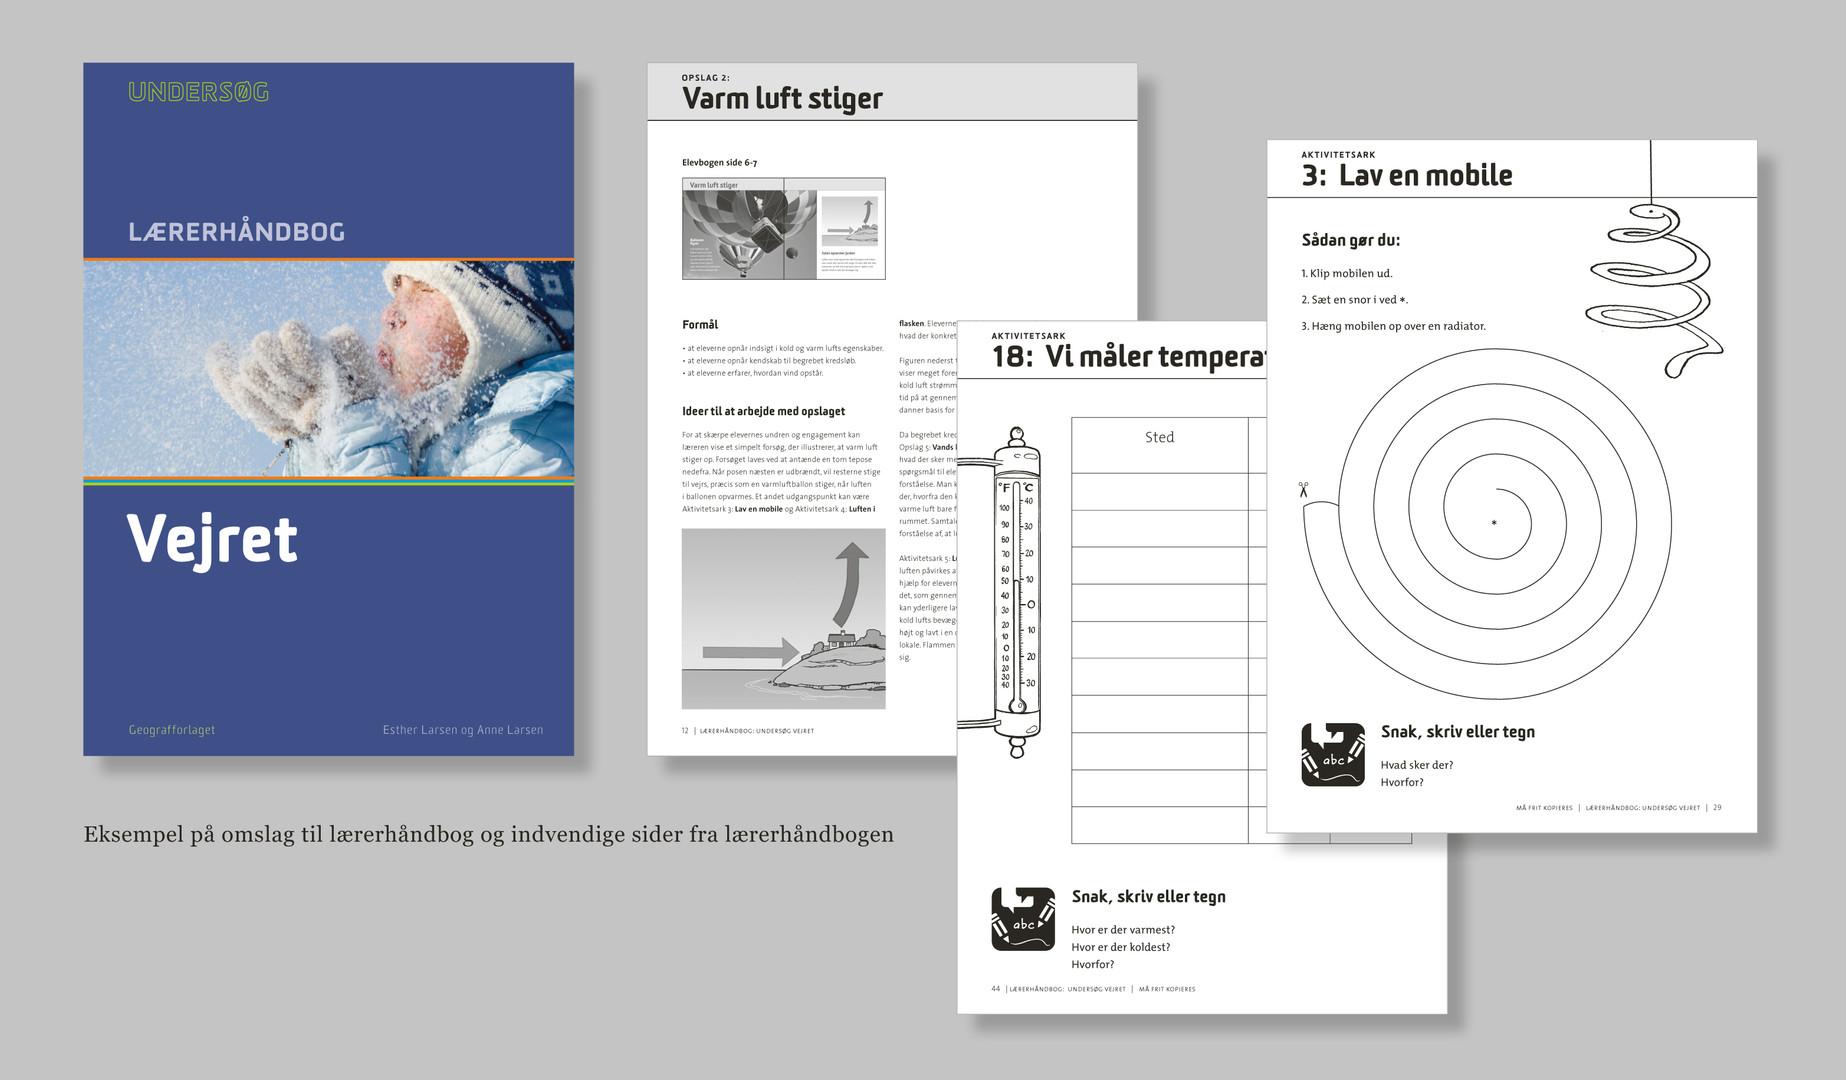 Web_Geografforlaget_02.jpg